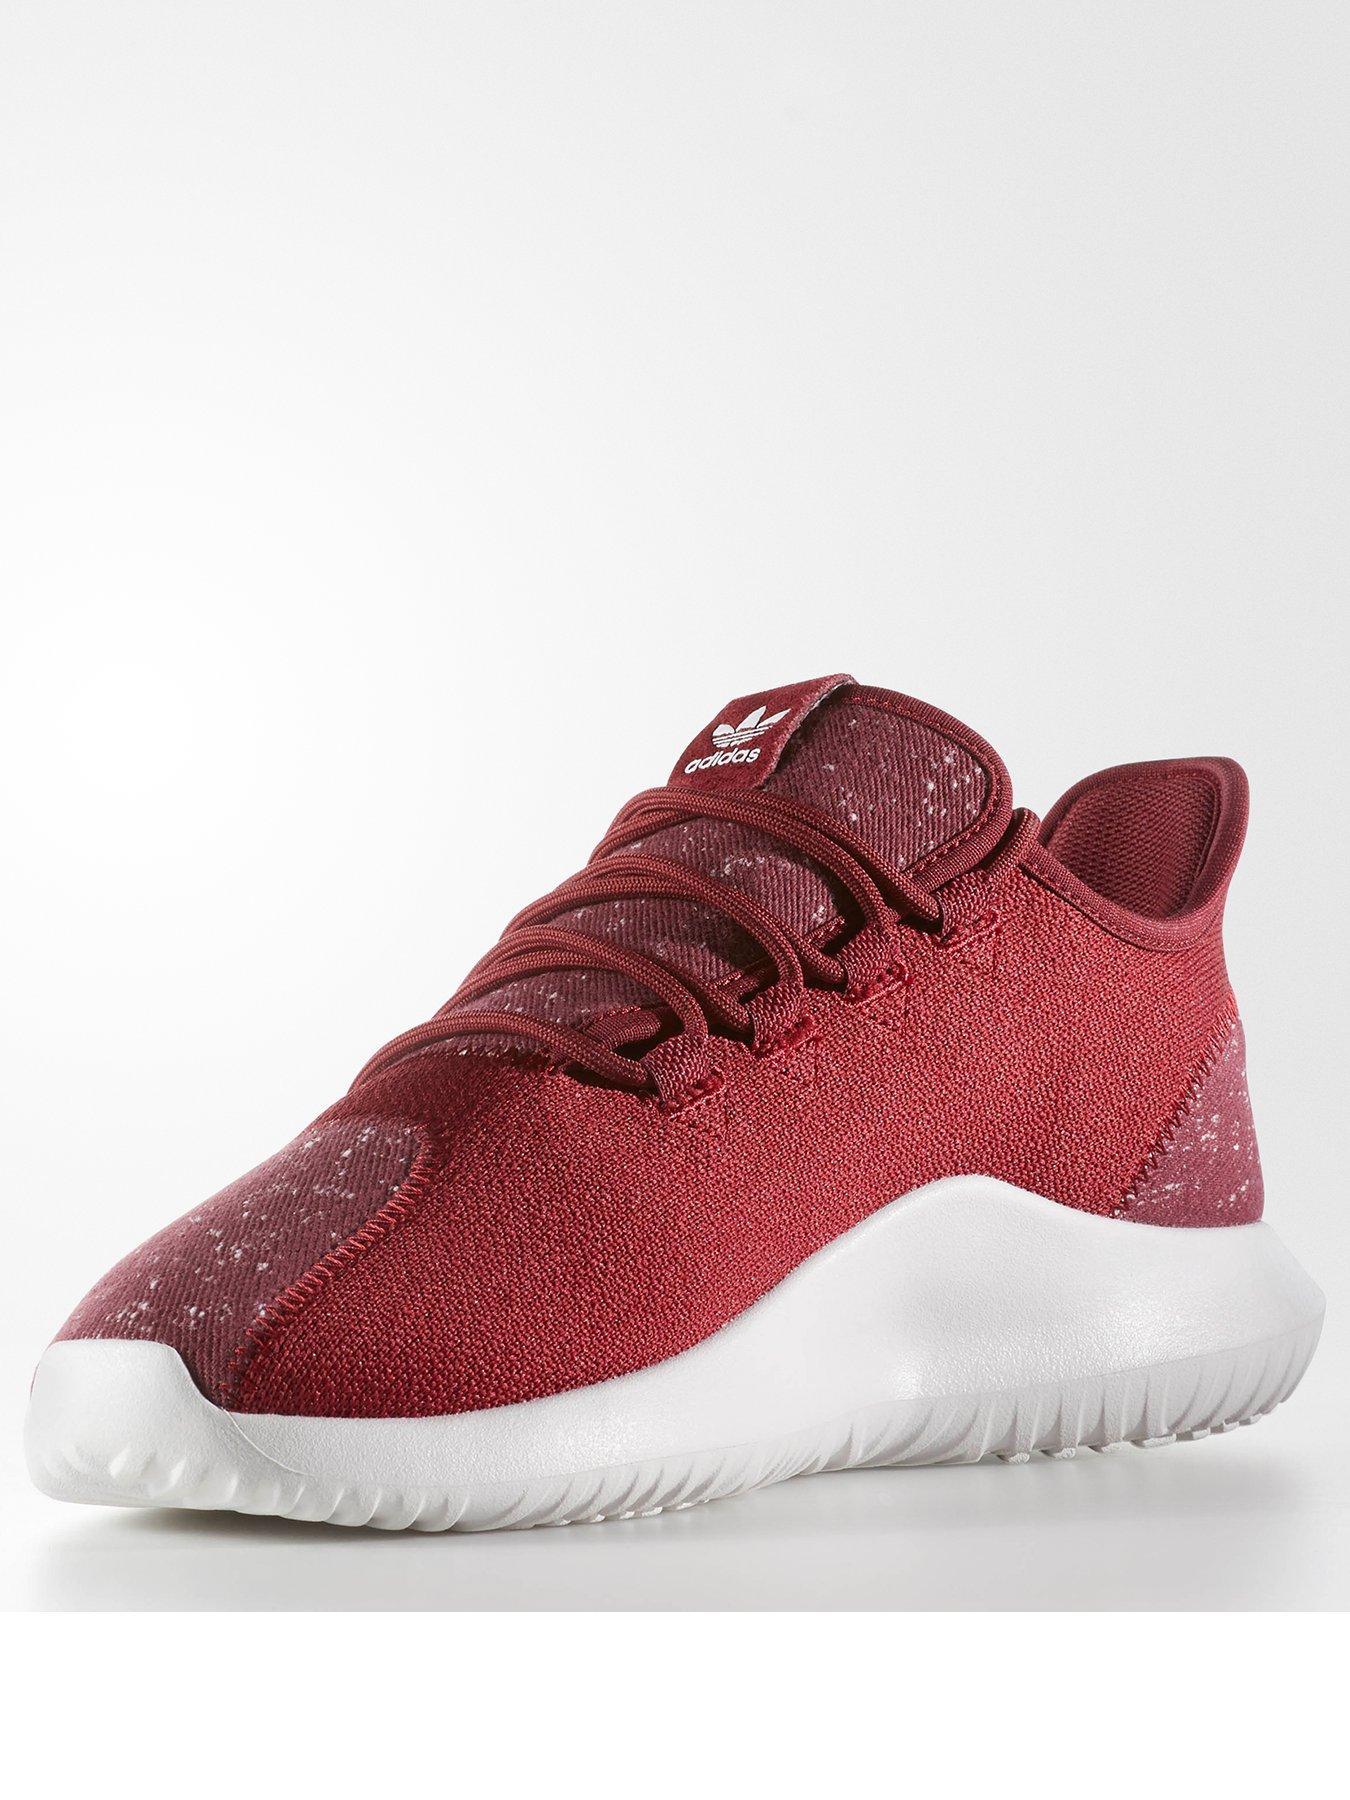 vente d'automne 2016 meilleur populaire adidas originaux nmd r1 formateurs